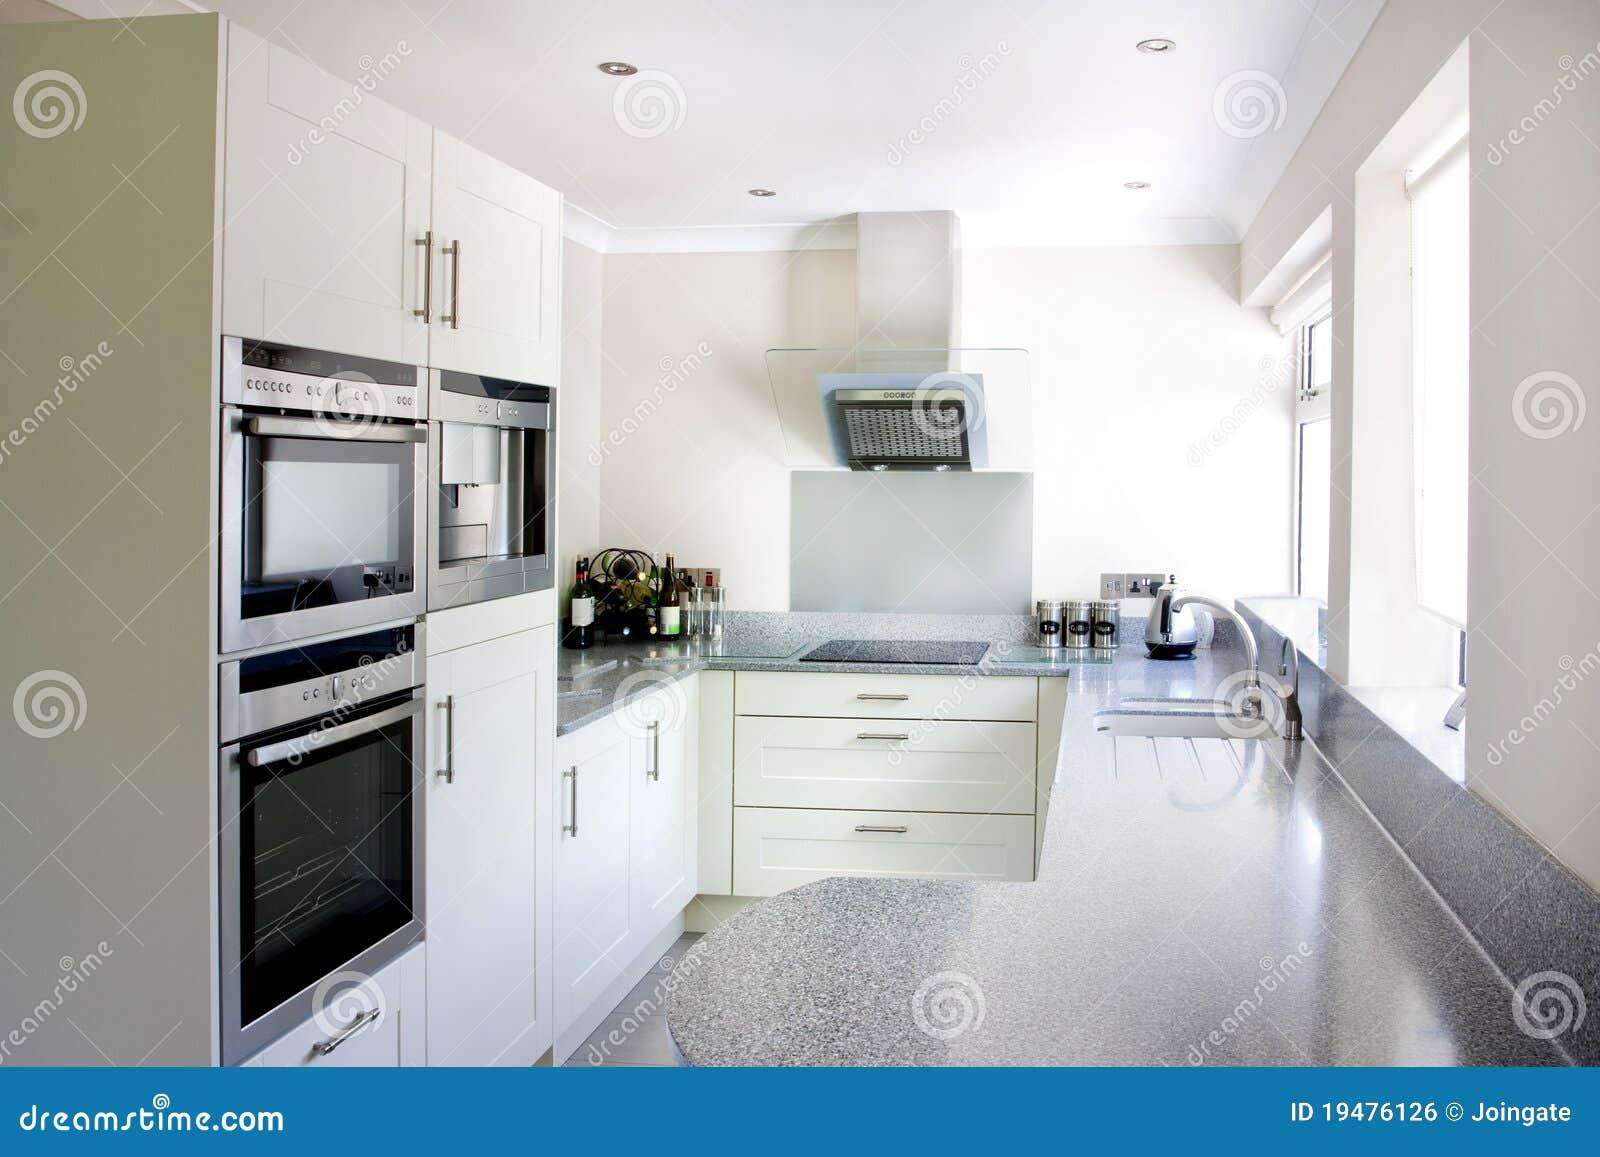 Piastrelle per cucina bianca trendy piastrelle per cucina - Piastrelle per cucina bianca lucida ...